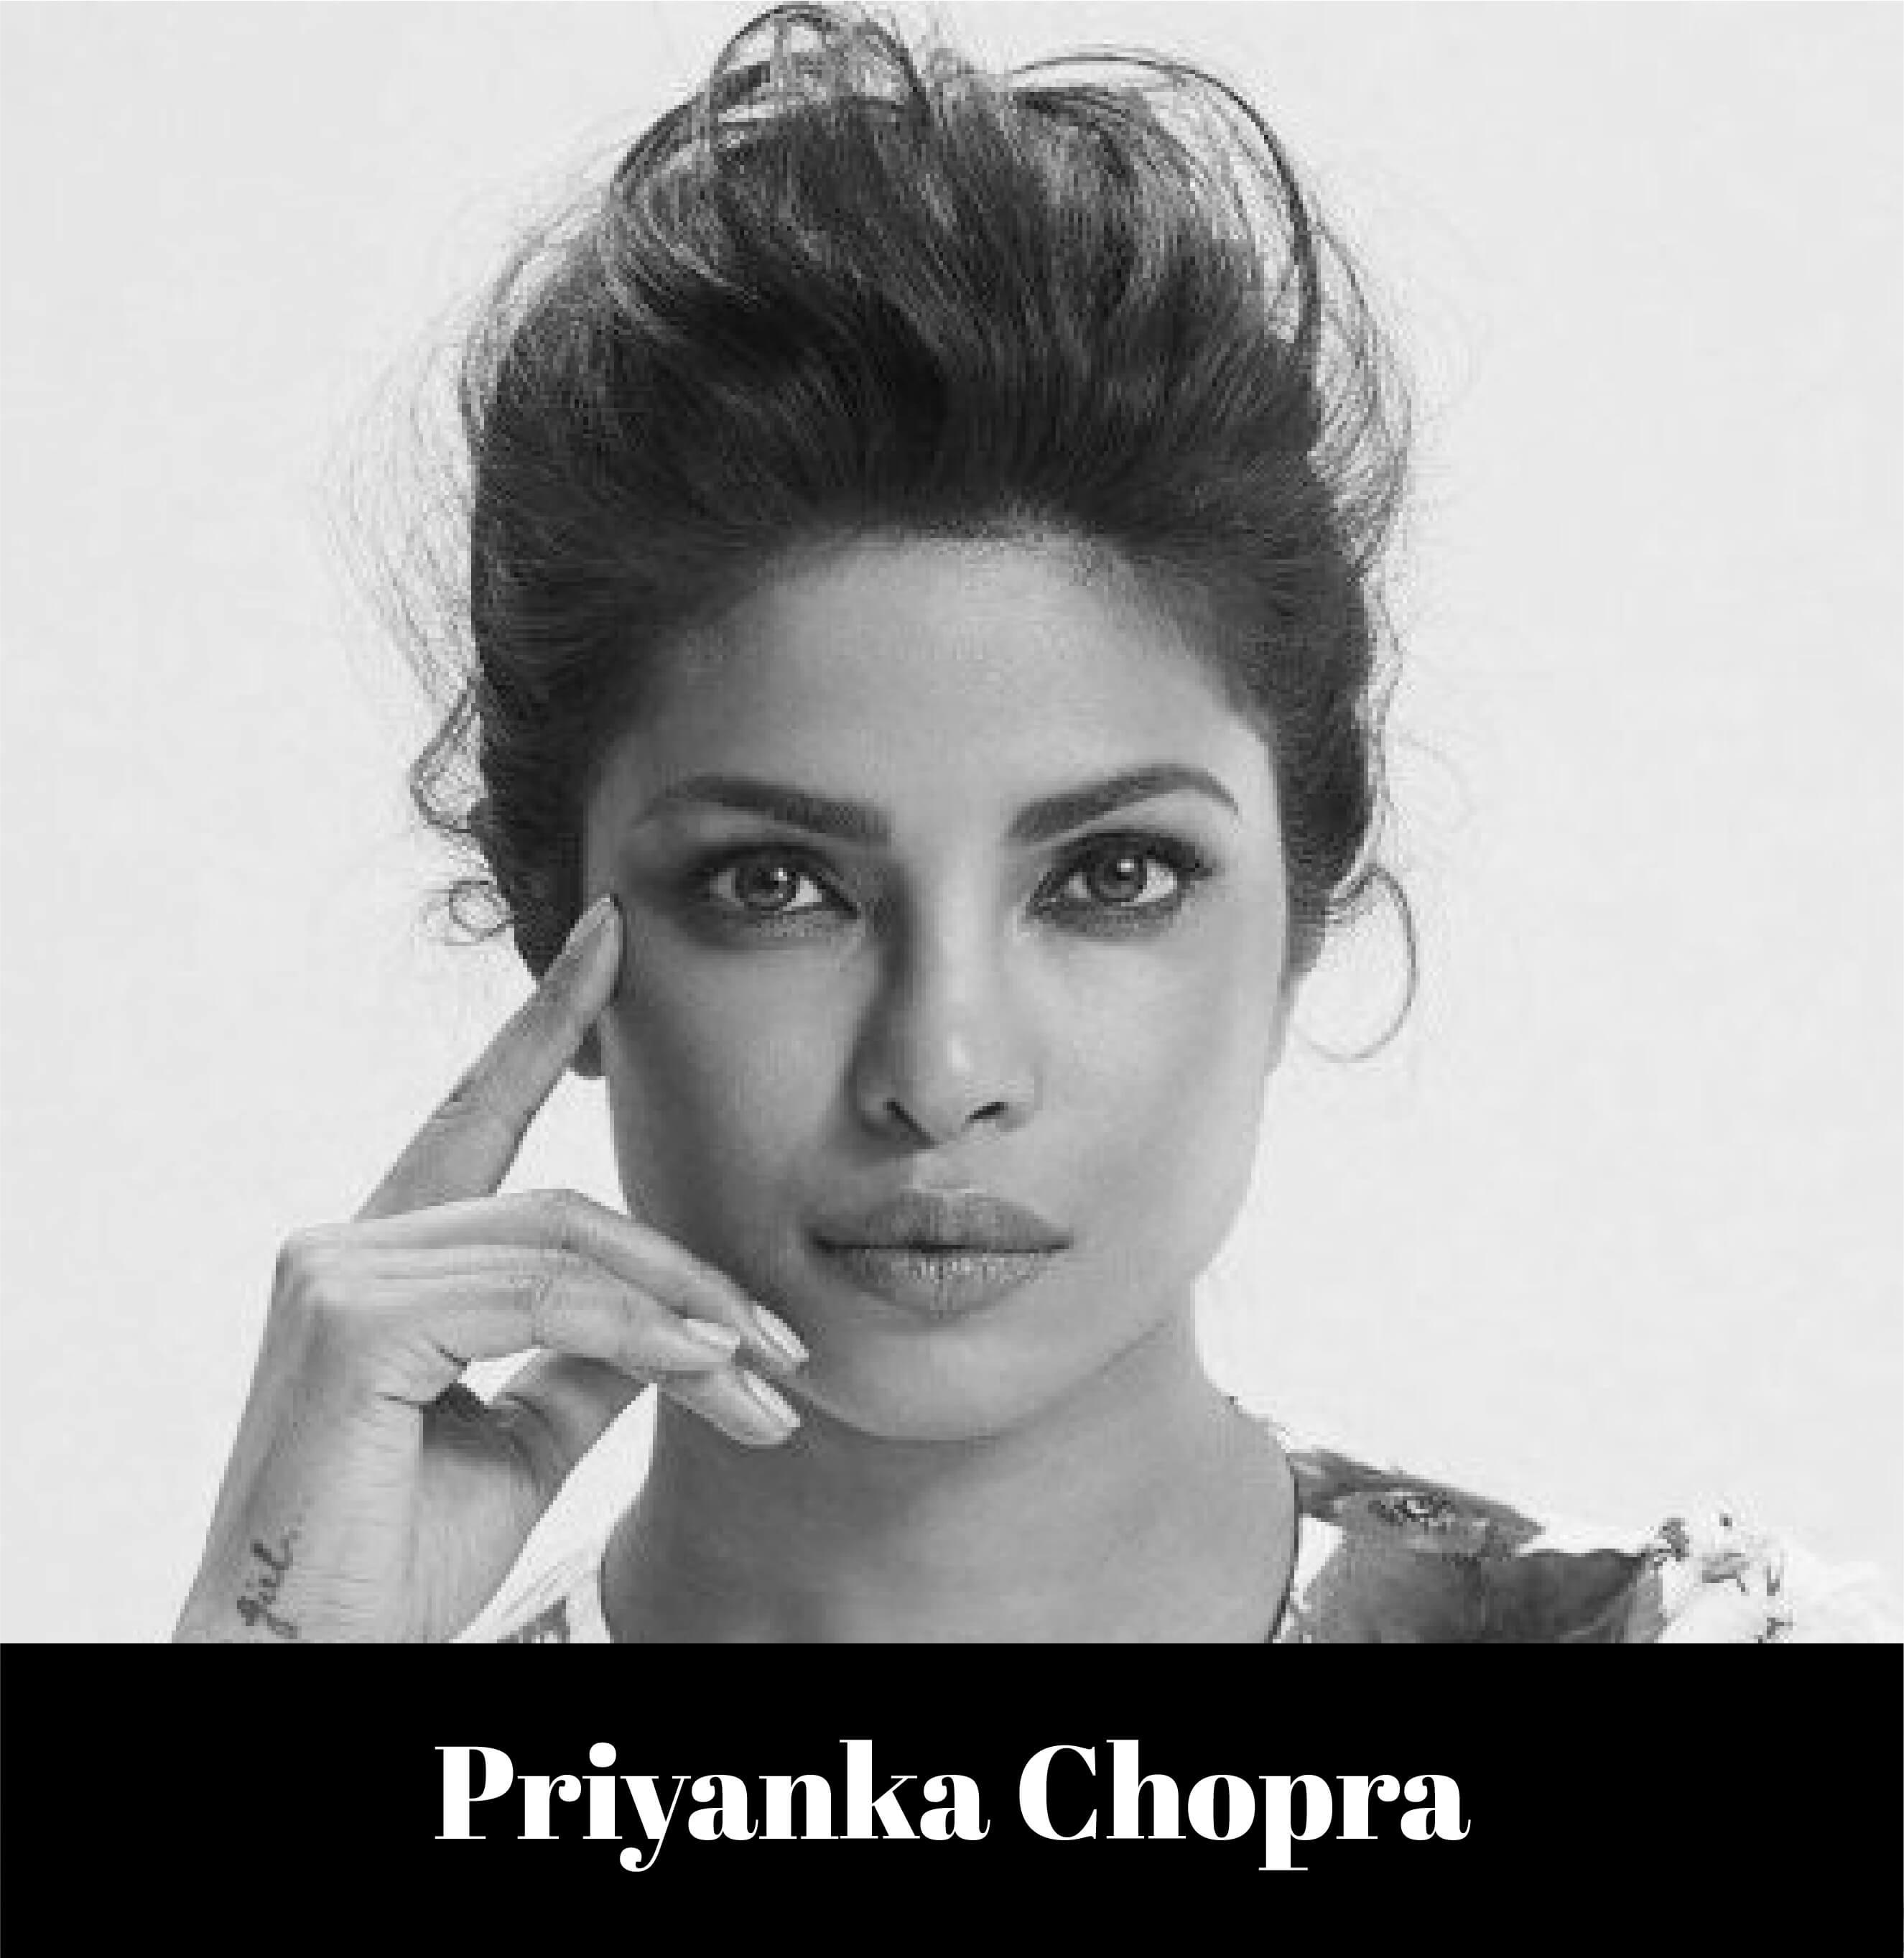 Priyanka-Chopra_1.jpg